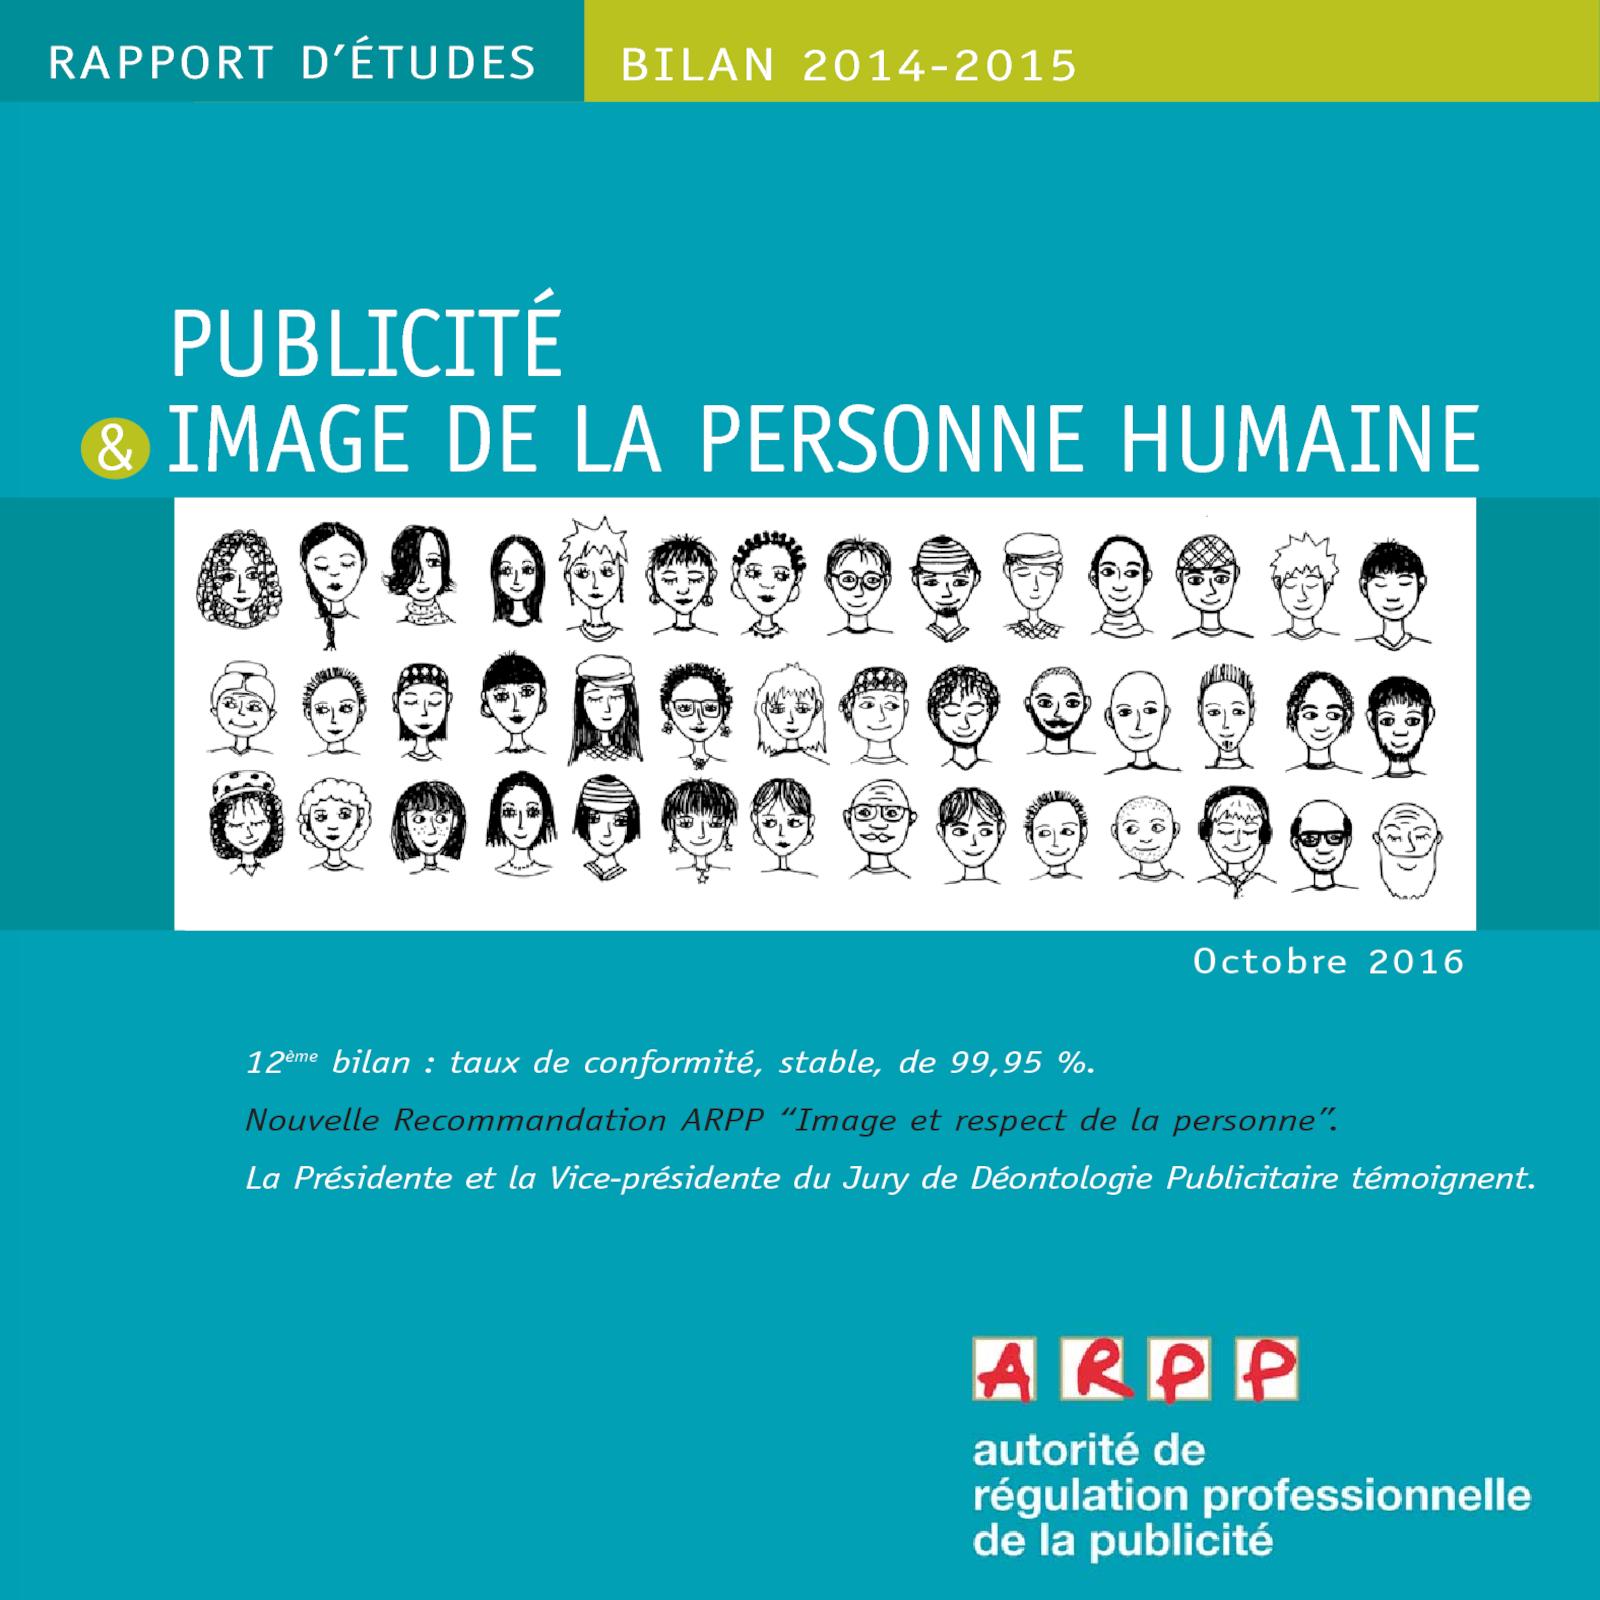 Bilan Publicité et Image de la personne humaine 2014 – 2015